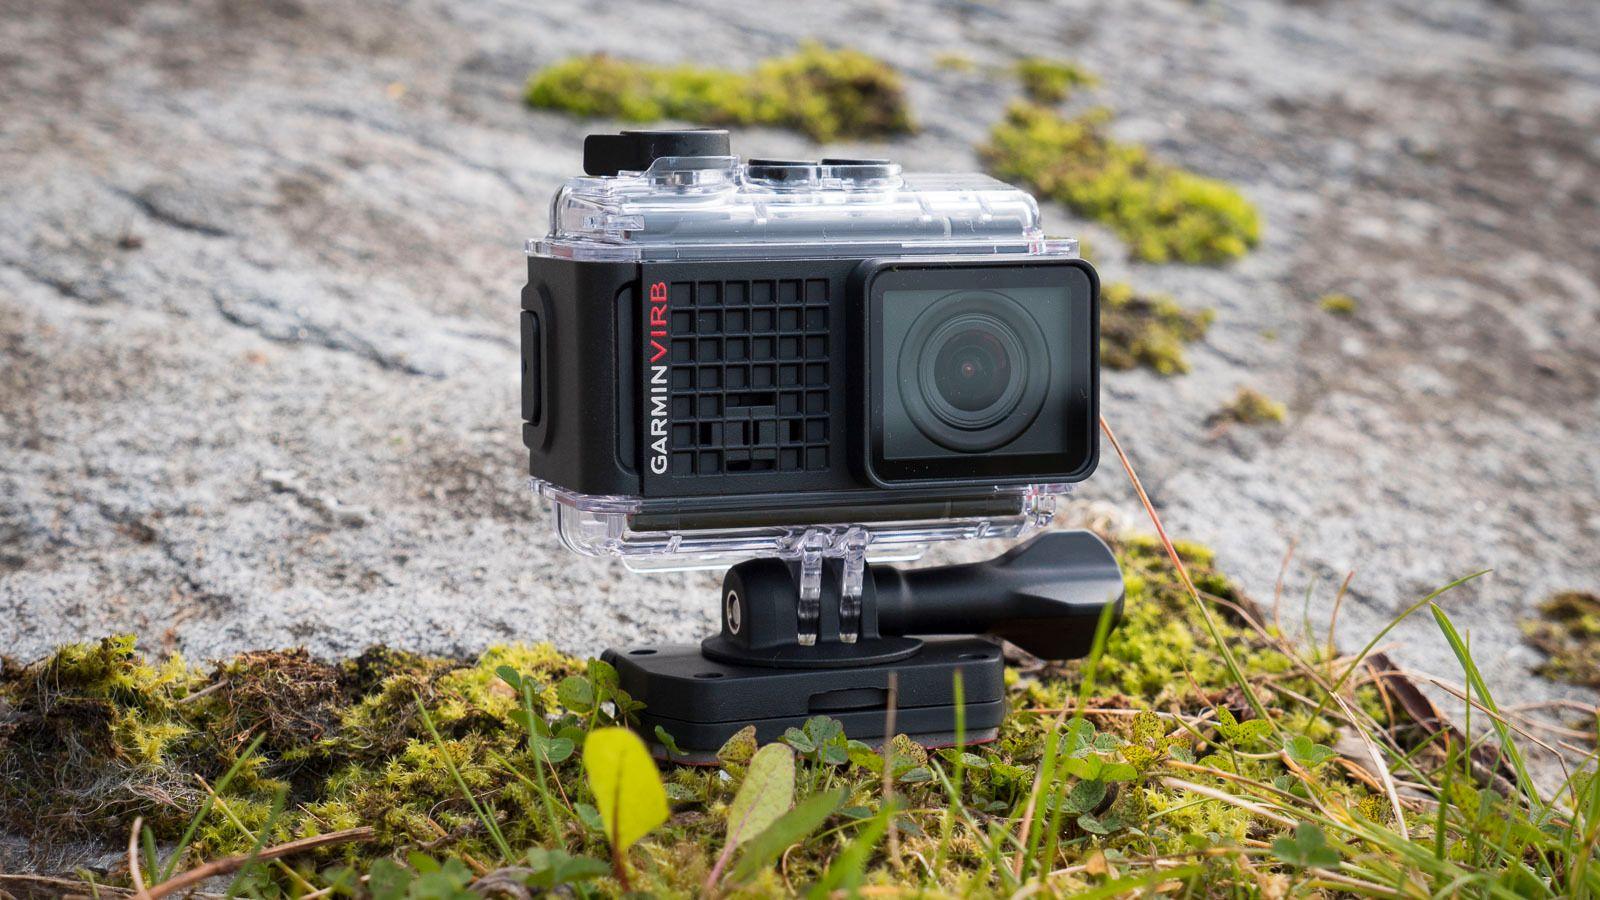 Nytt design, ny funksjonalitet og bedre video skiller Virb Ultra 30 fra Virb XE.